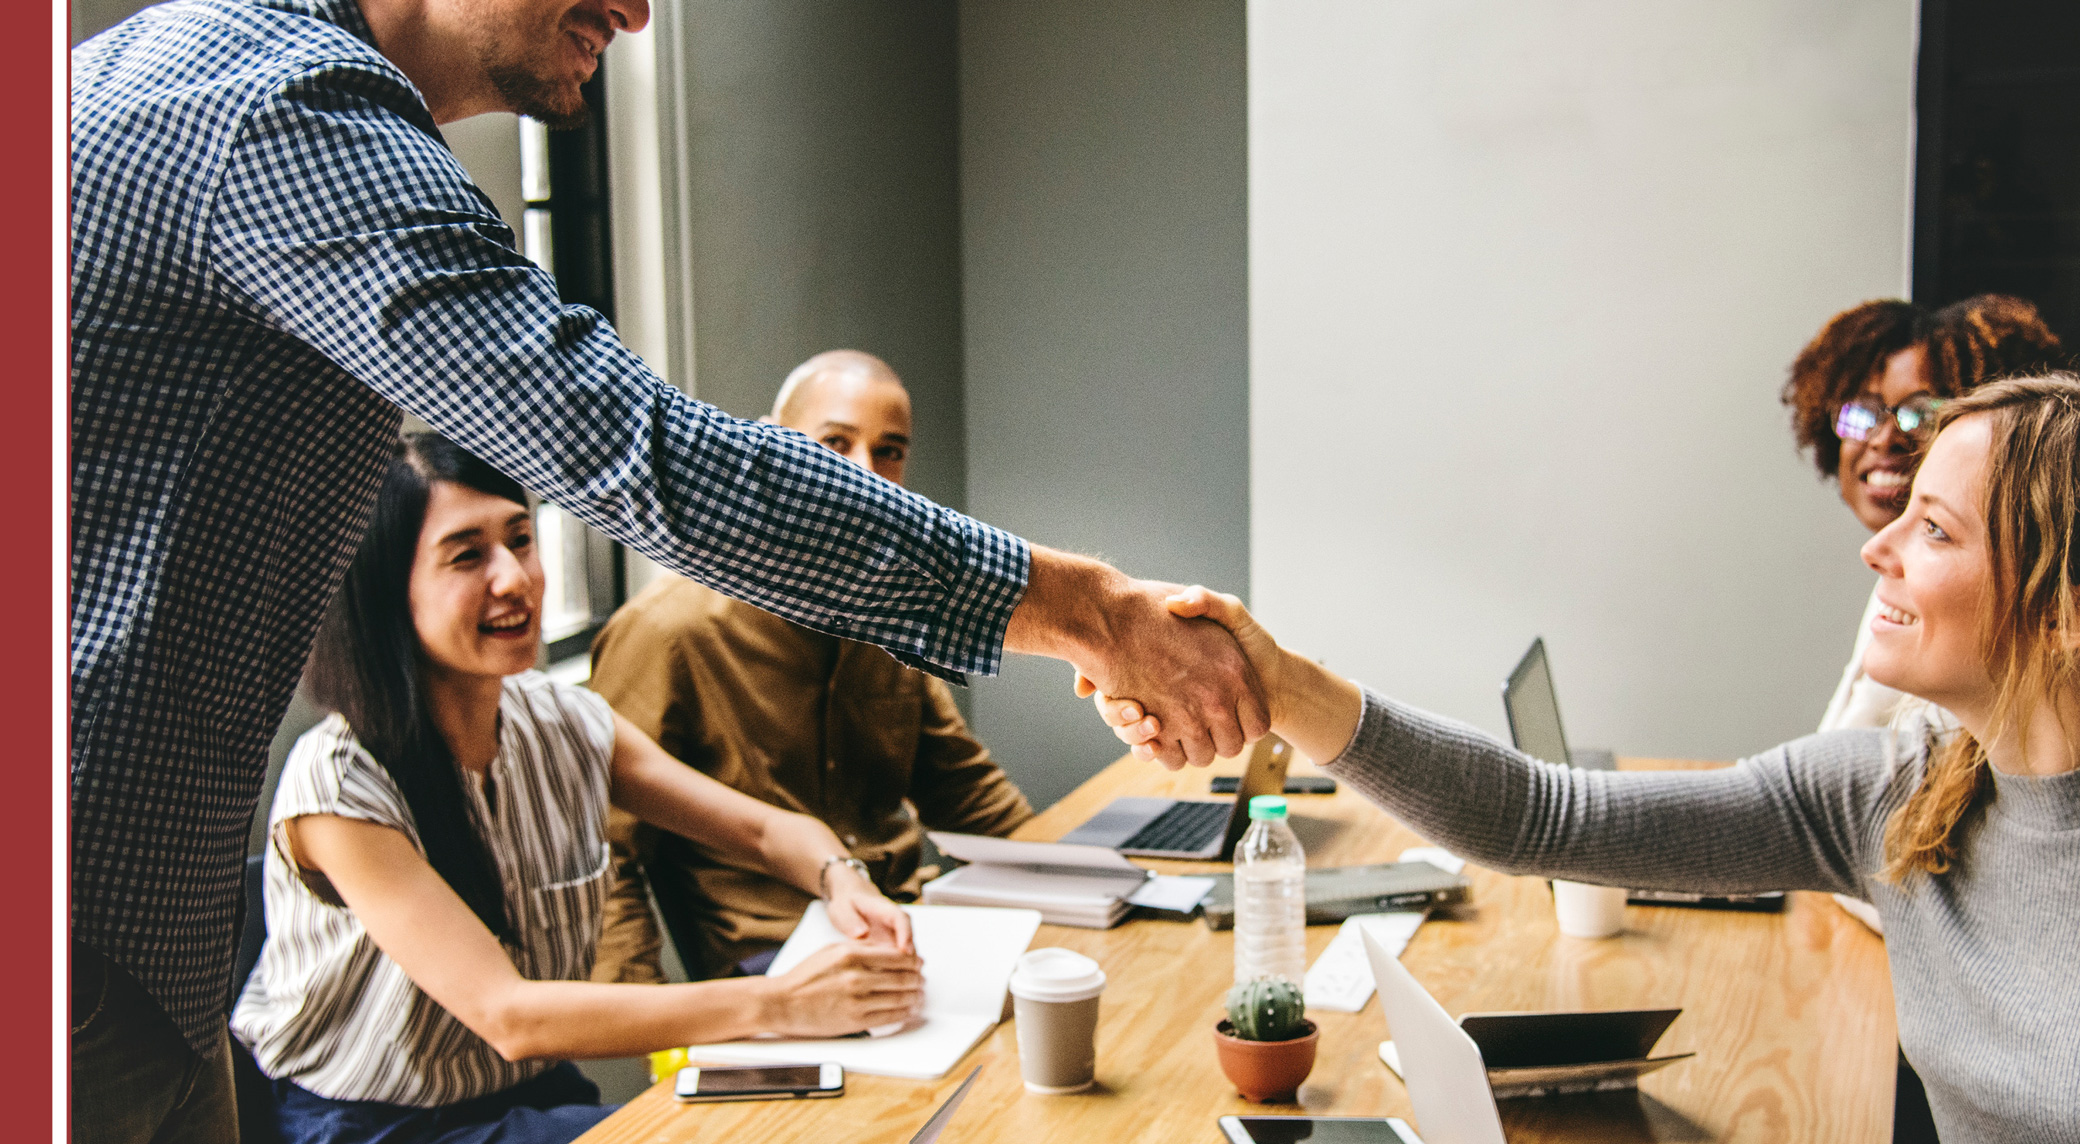 Delegar-morir Consejos para aprender a delegar y obtener buenos resultados